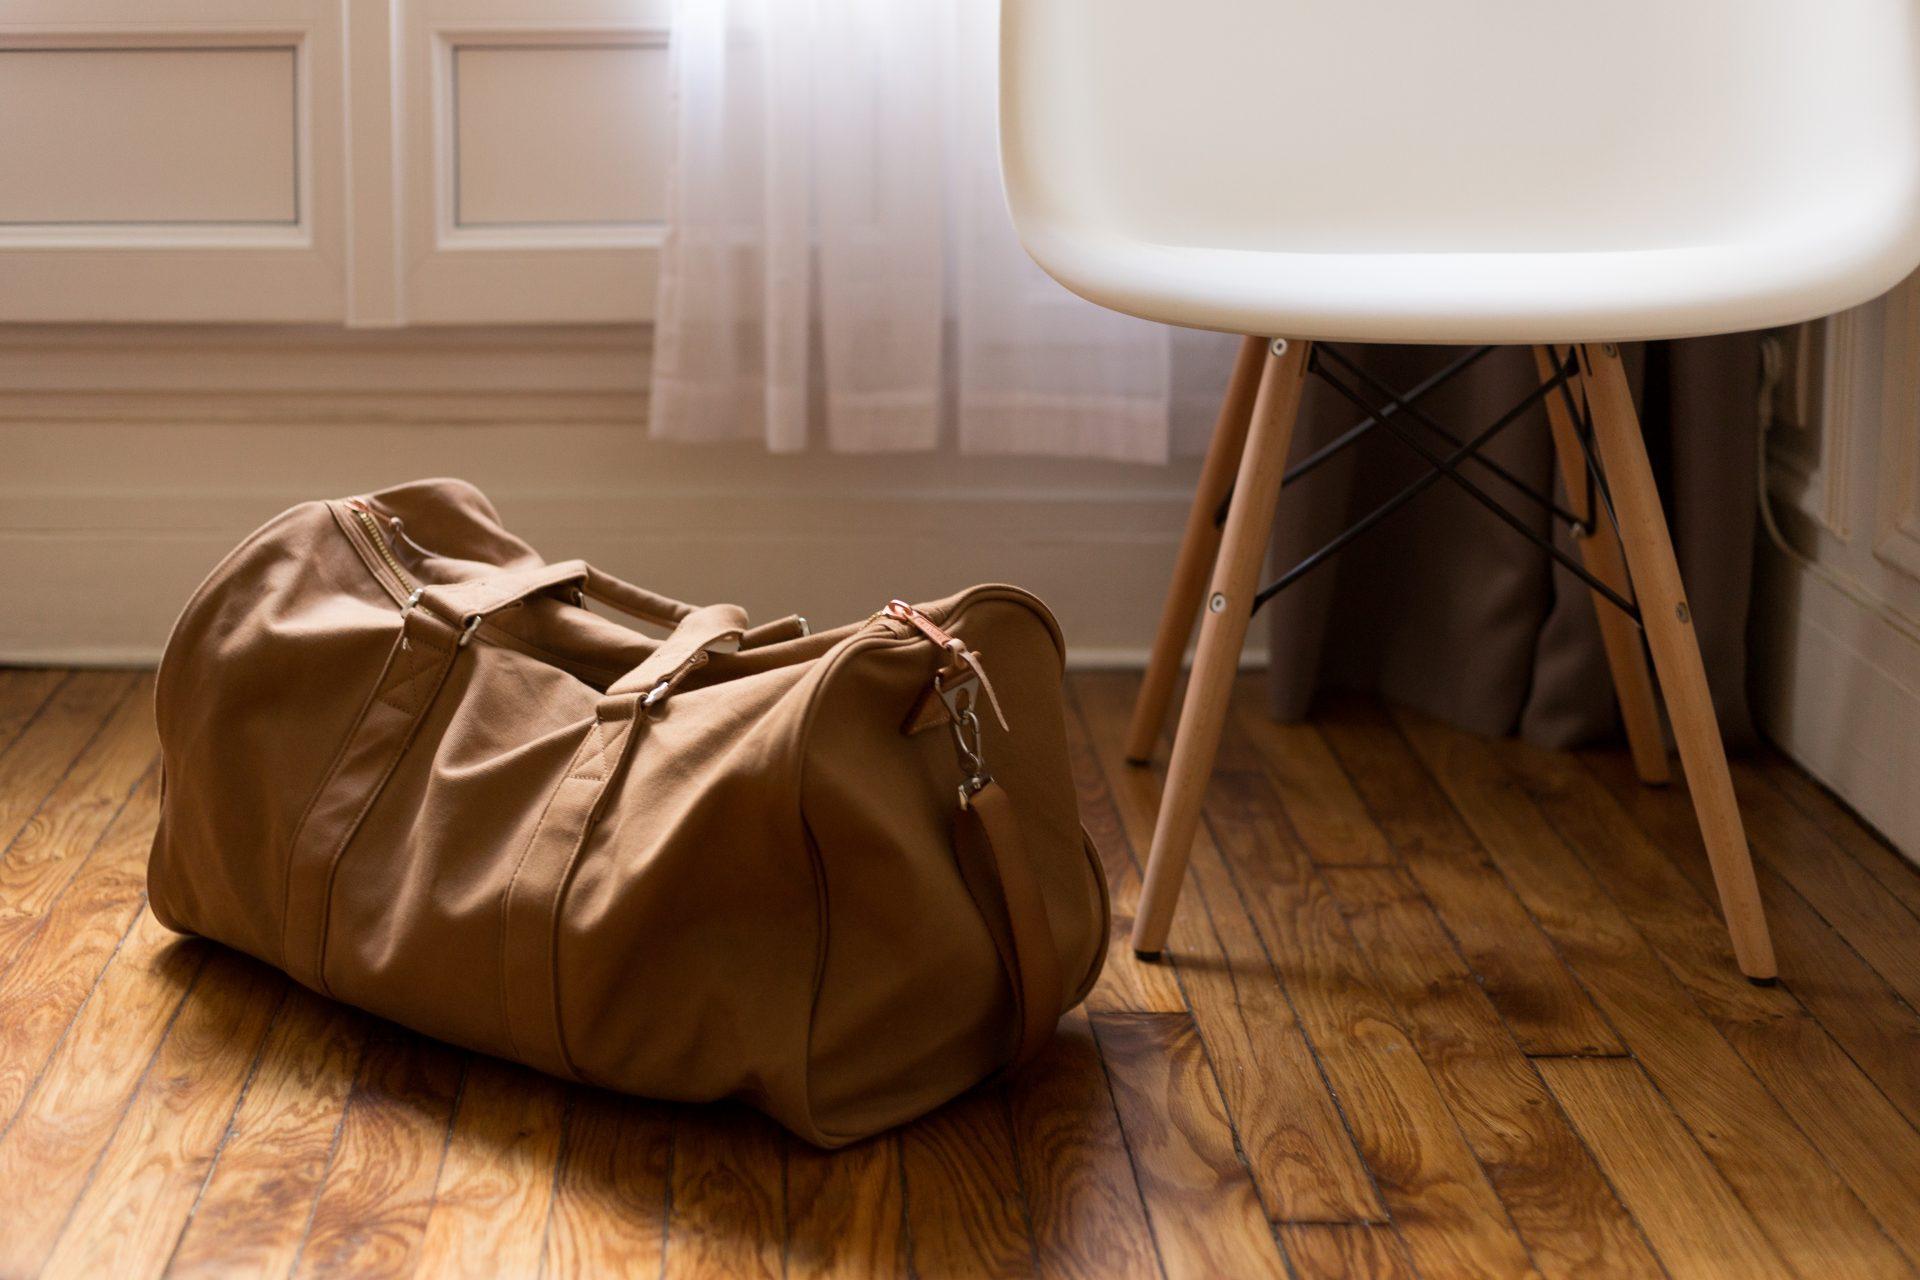 Comment laver un plancher de bois franc sans l'endommager?